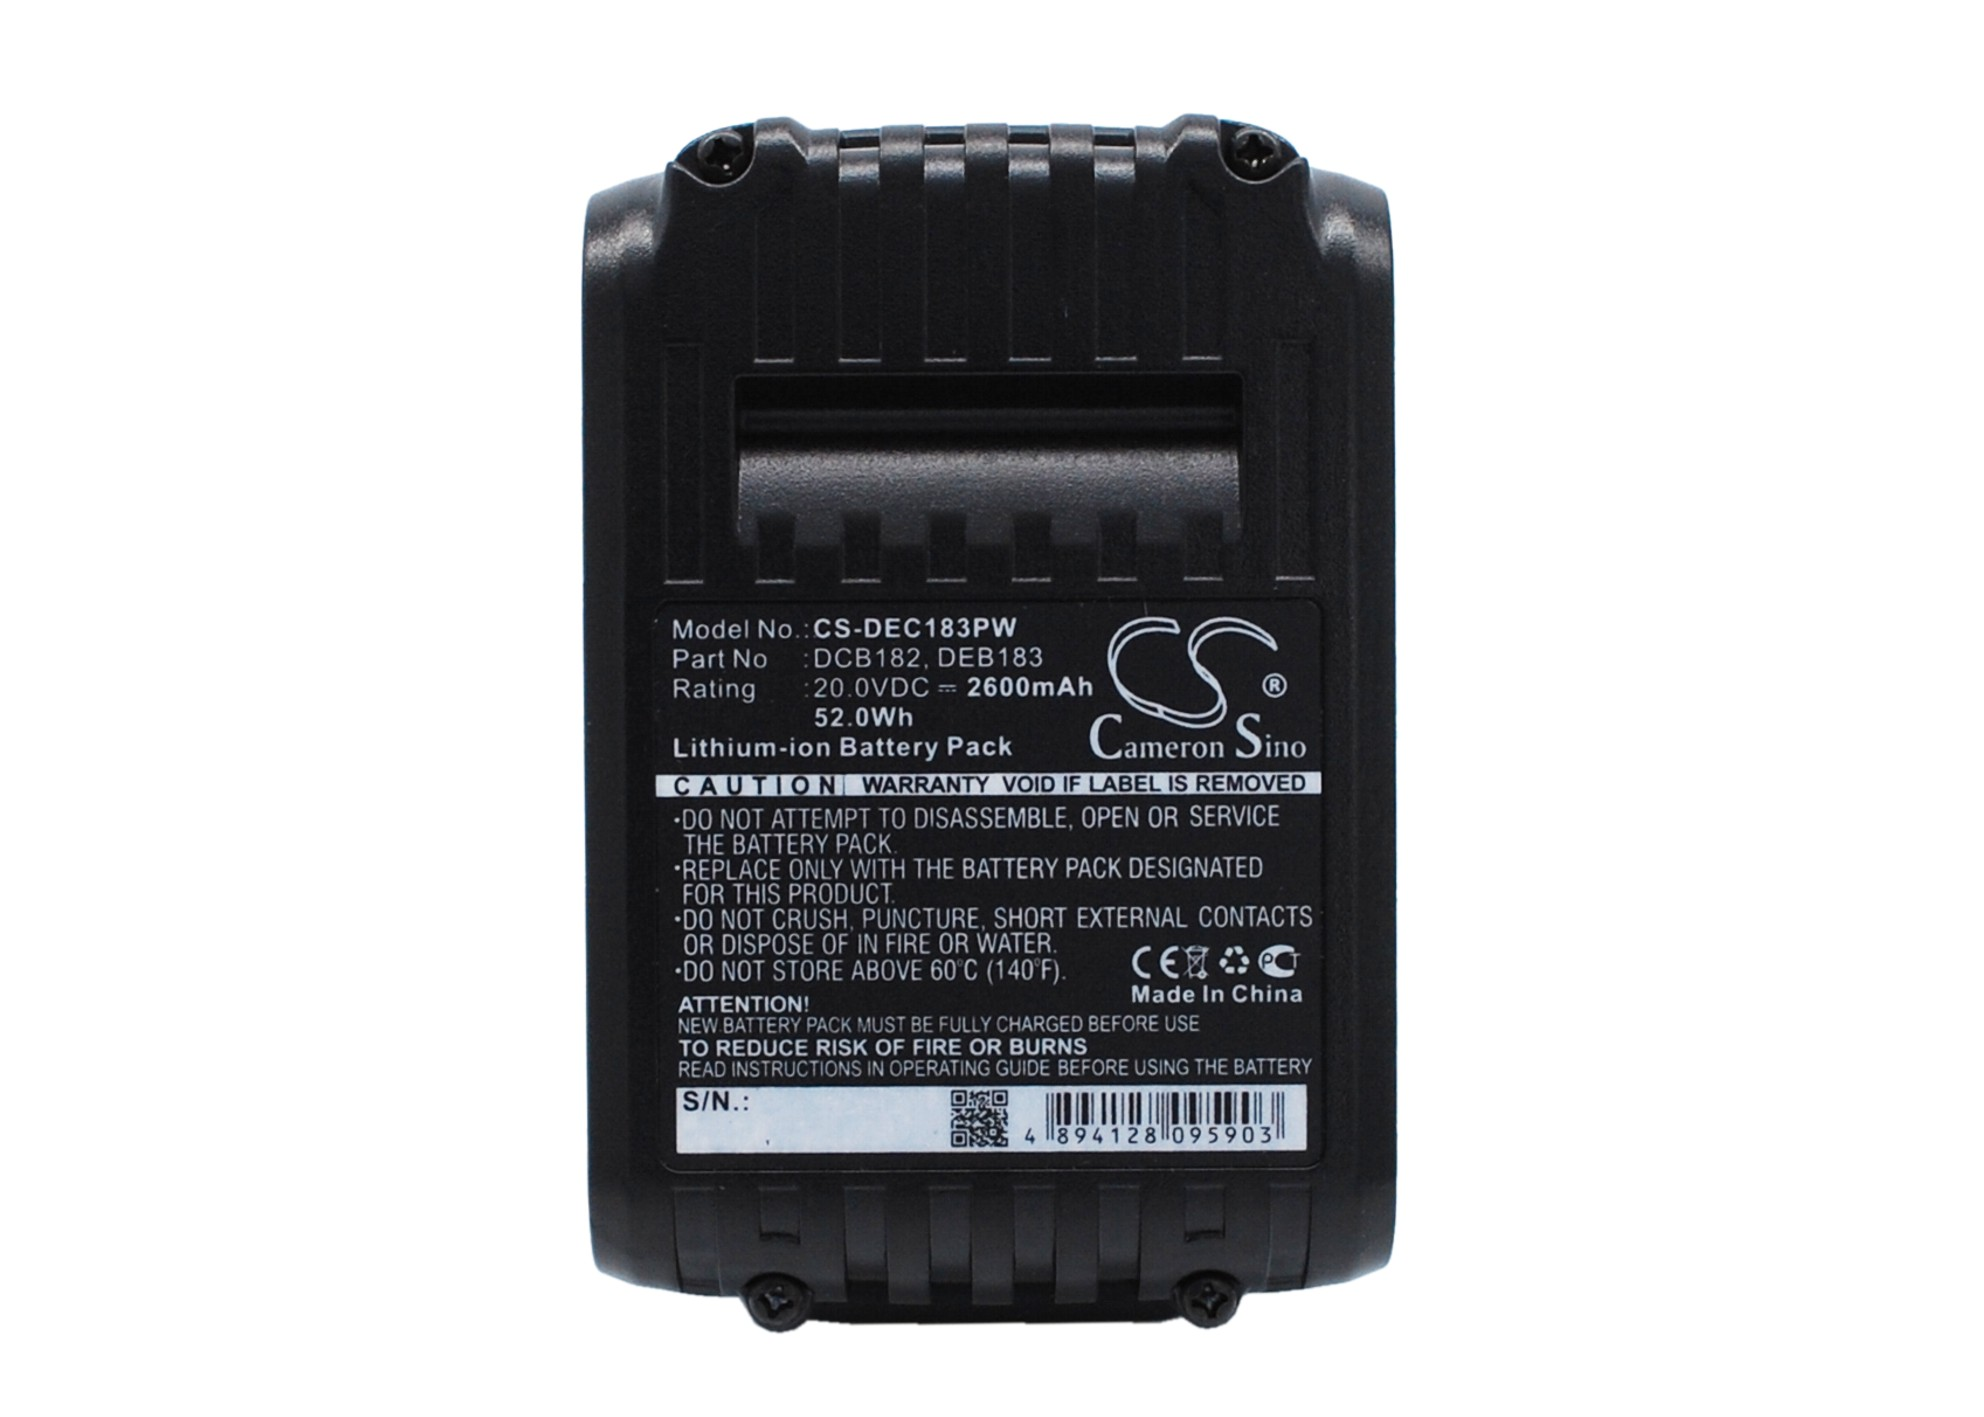 Cameron Sino baterie do nářadí pro DEWALT DCF895C2 20V Li-ion 2600mAh černá - neoriginální